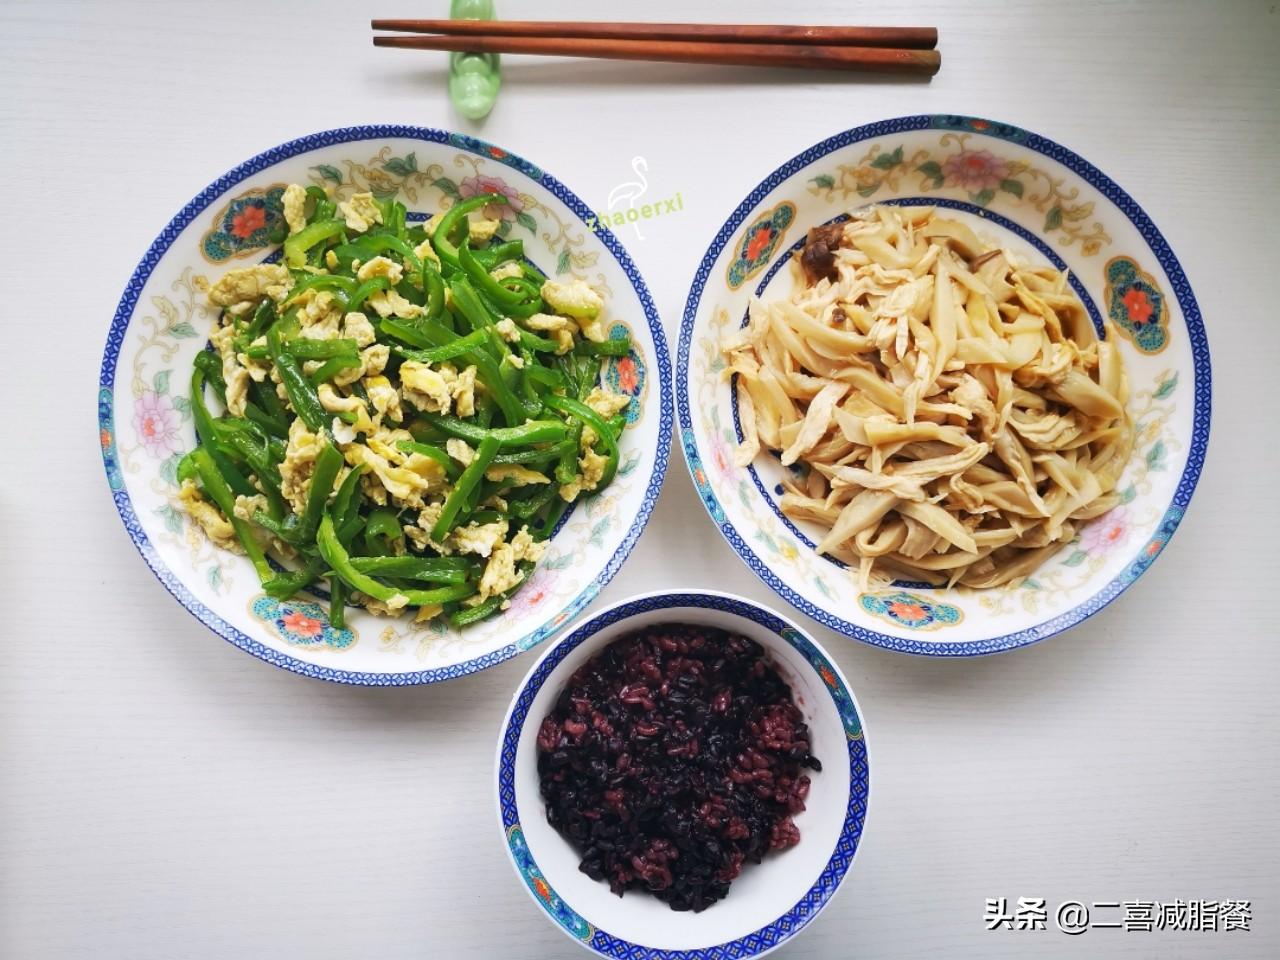 营养师3周的午餐食谱,营养均衡,荤素搭配 营养配餐 第1张